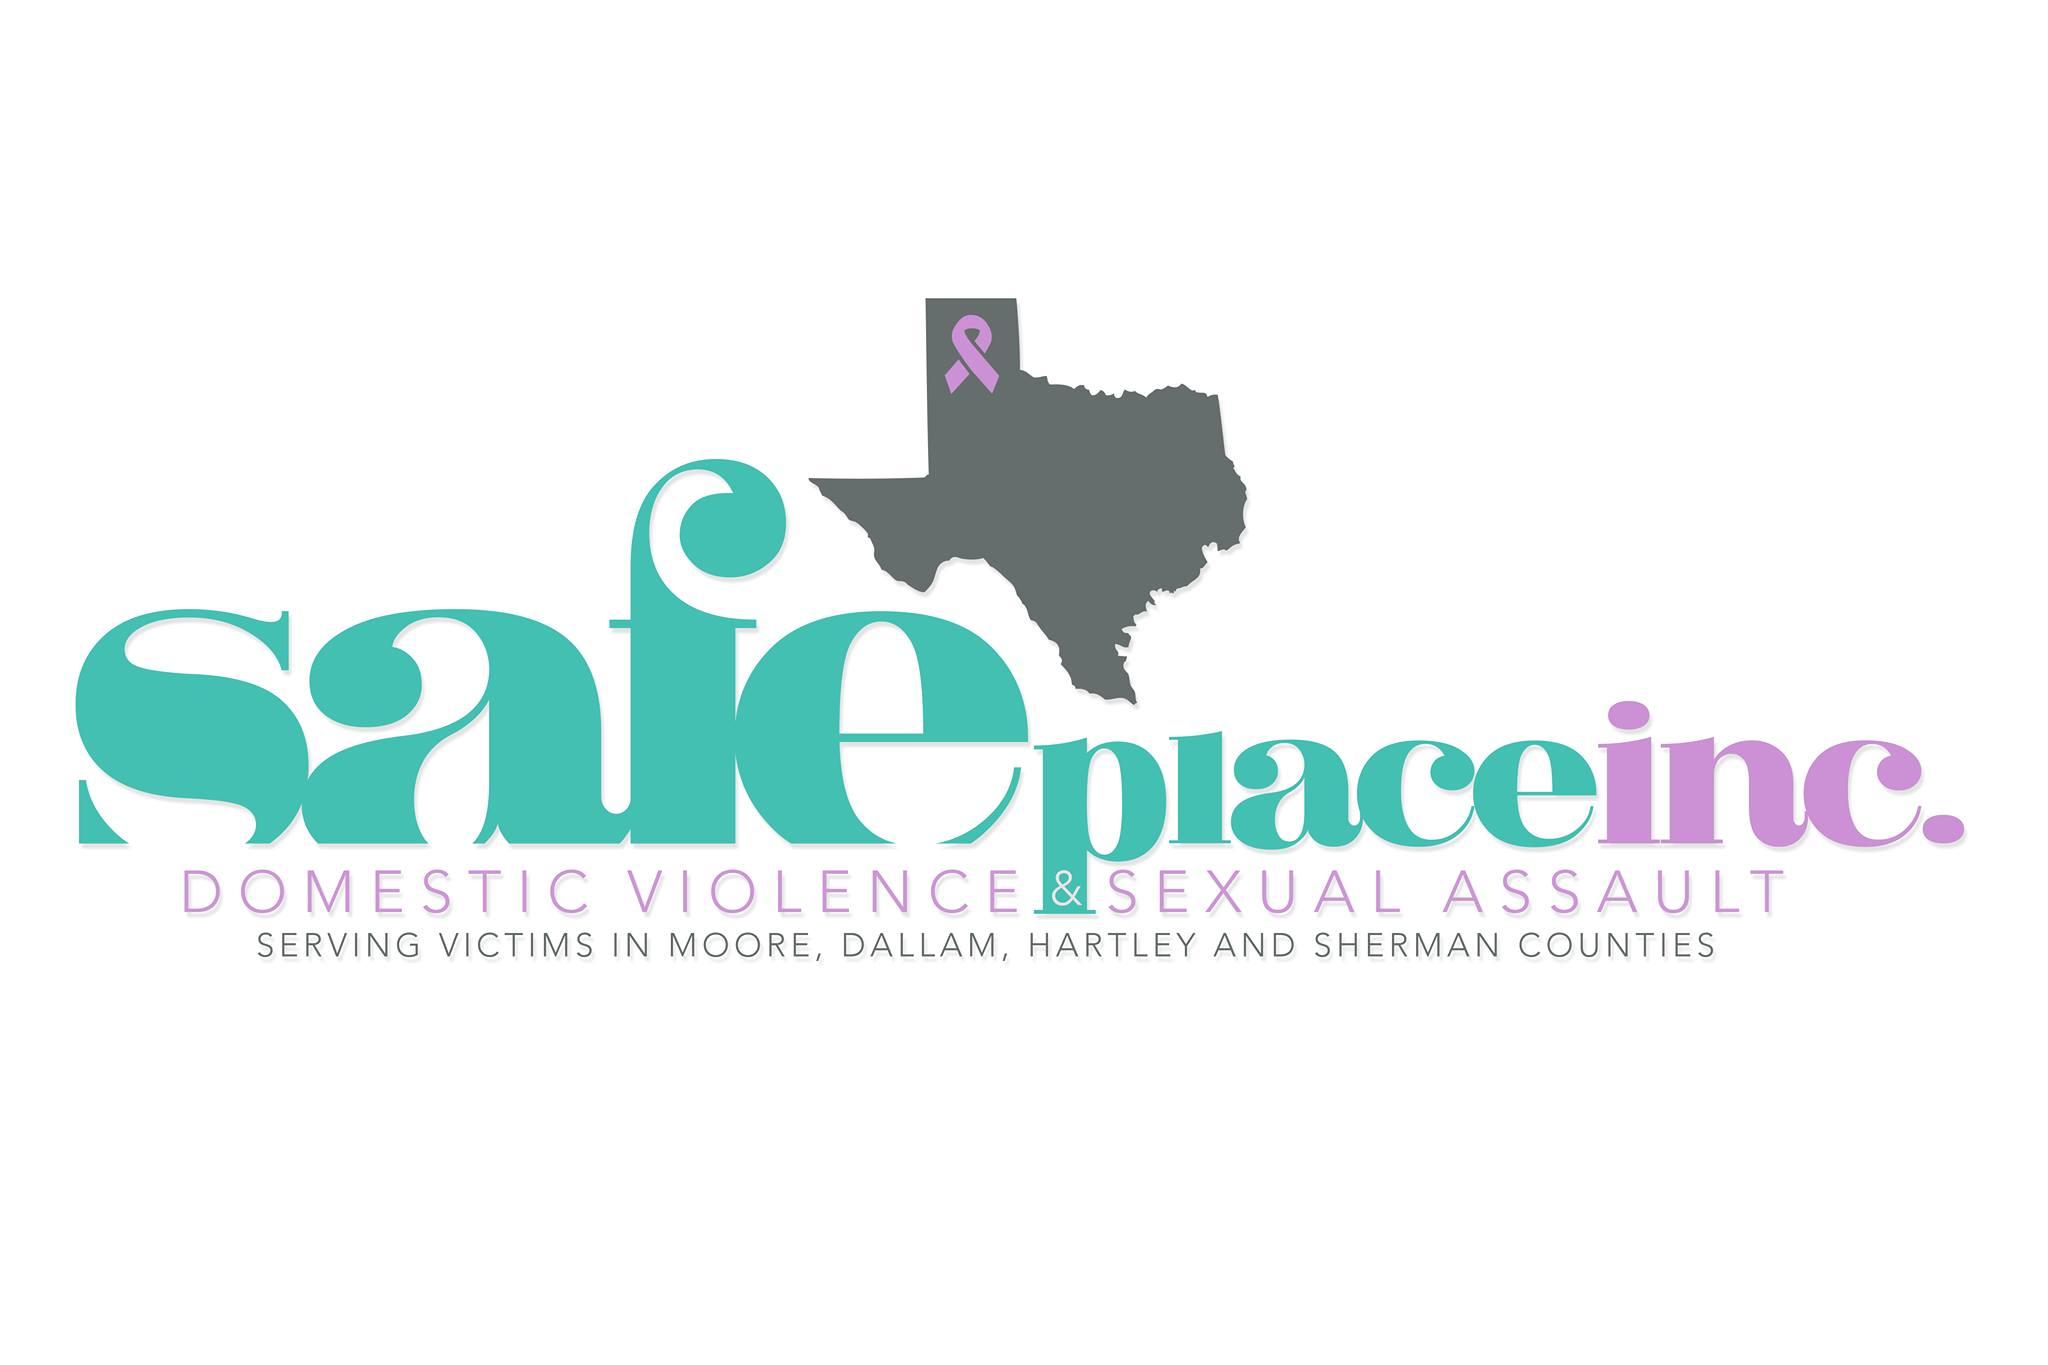 SafePlace Inc.